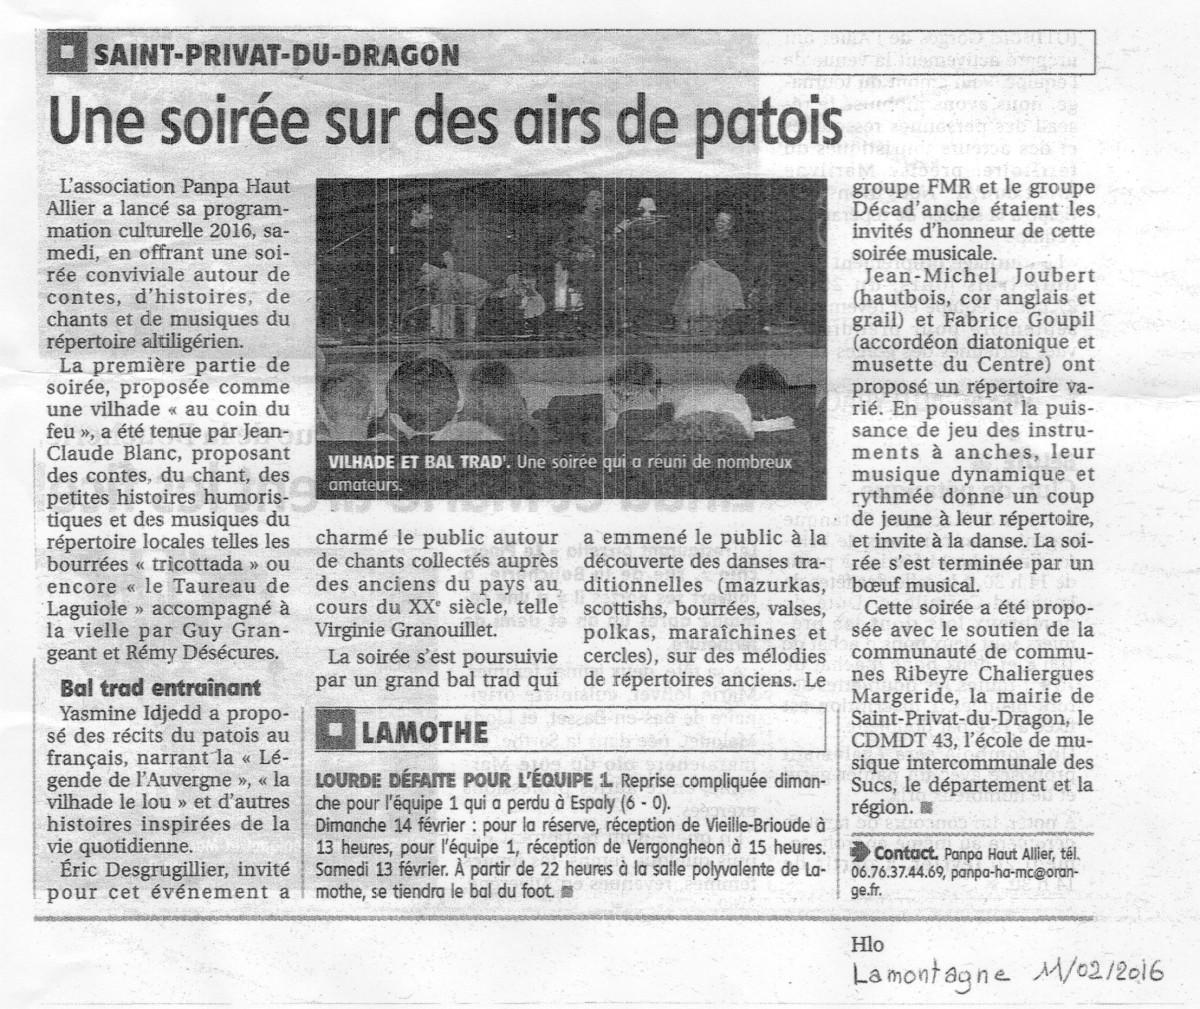 Revue de presse : Vilhade et bal trad' à St-Privat-du-Dragon